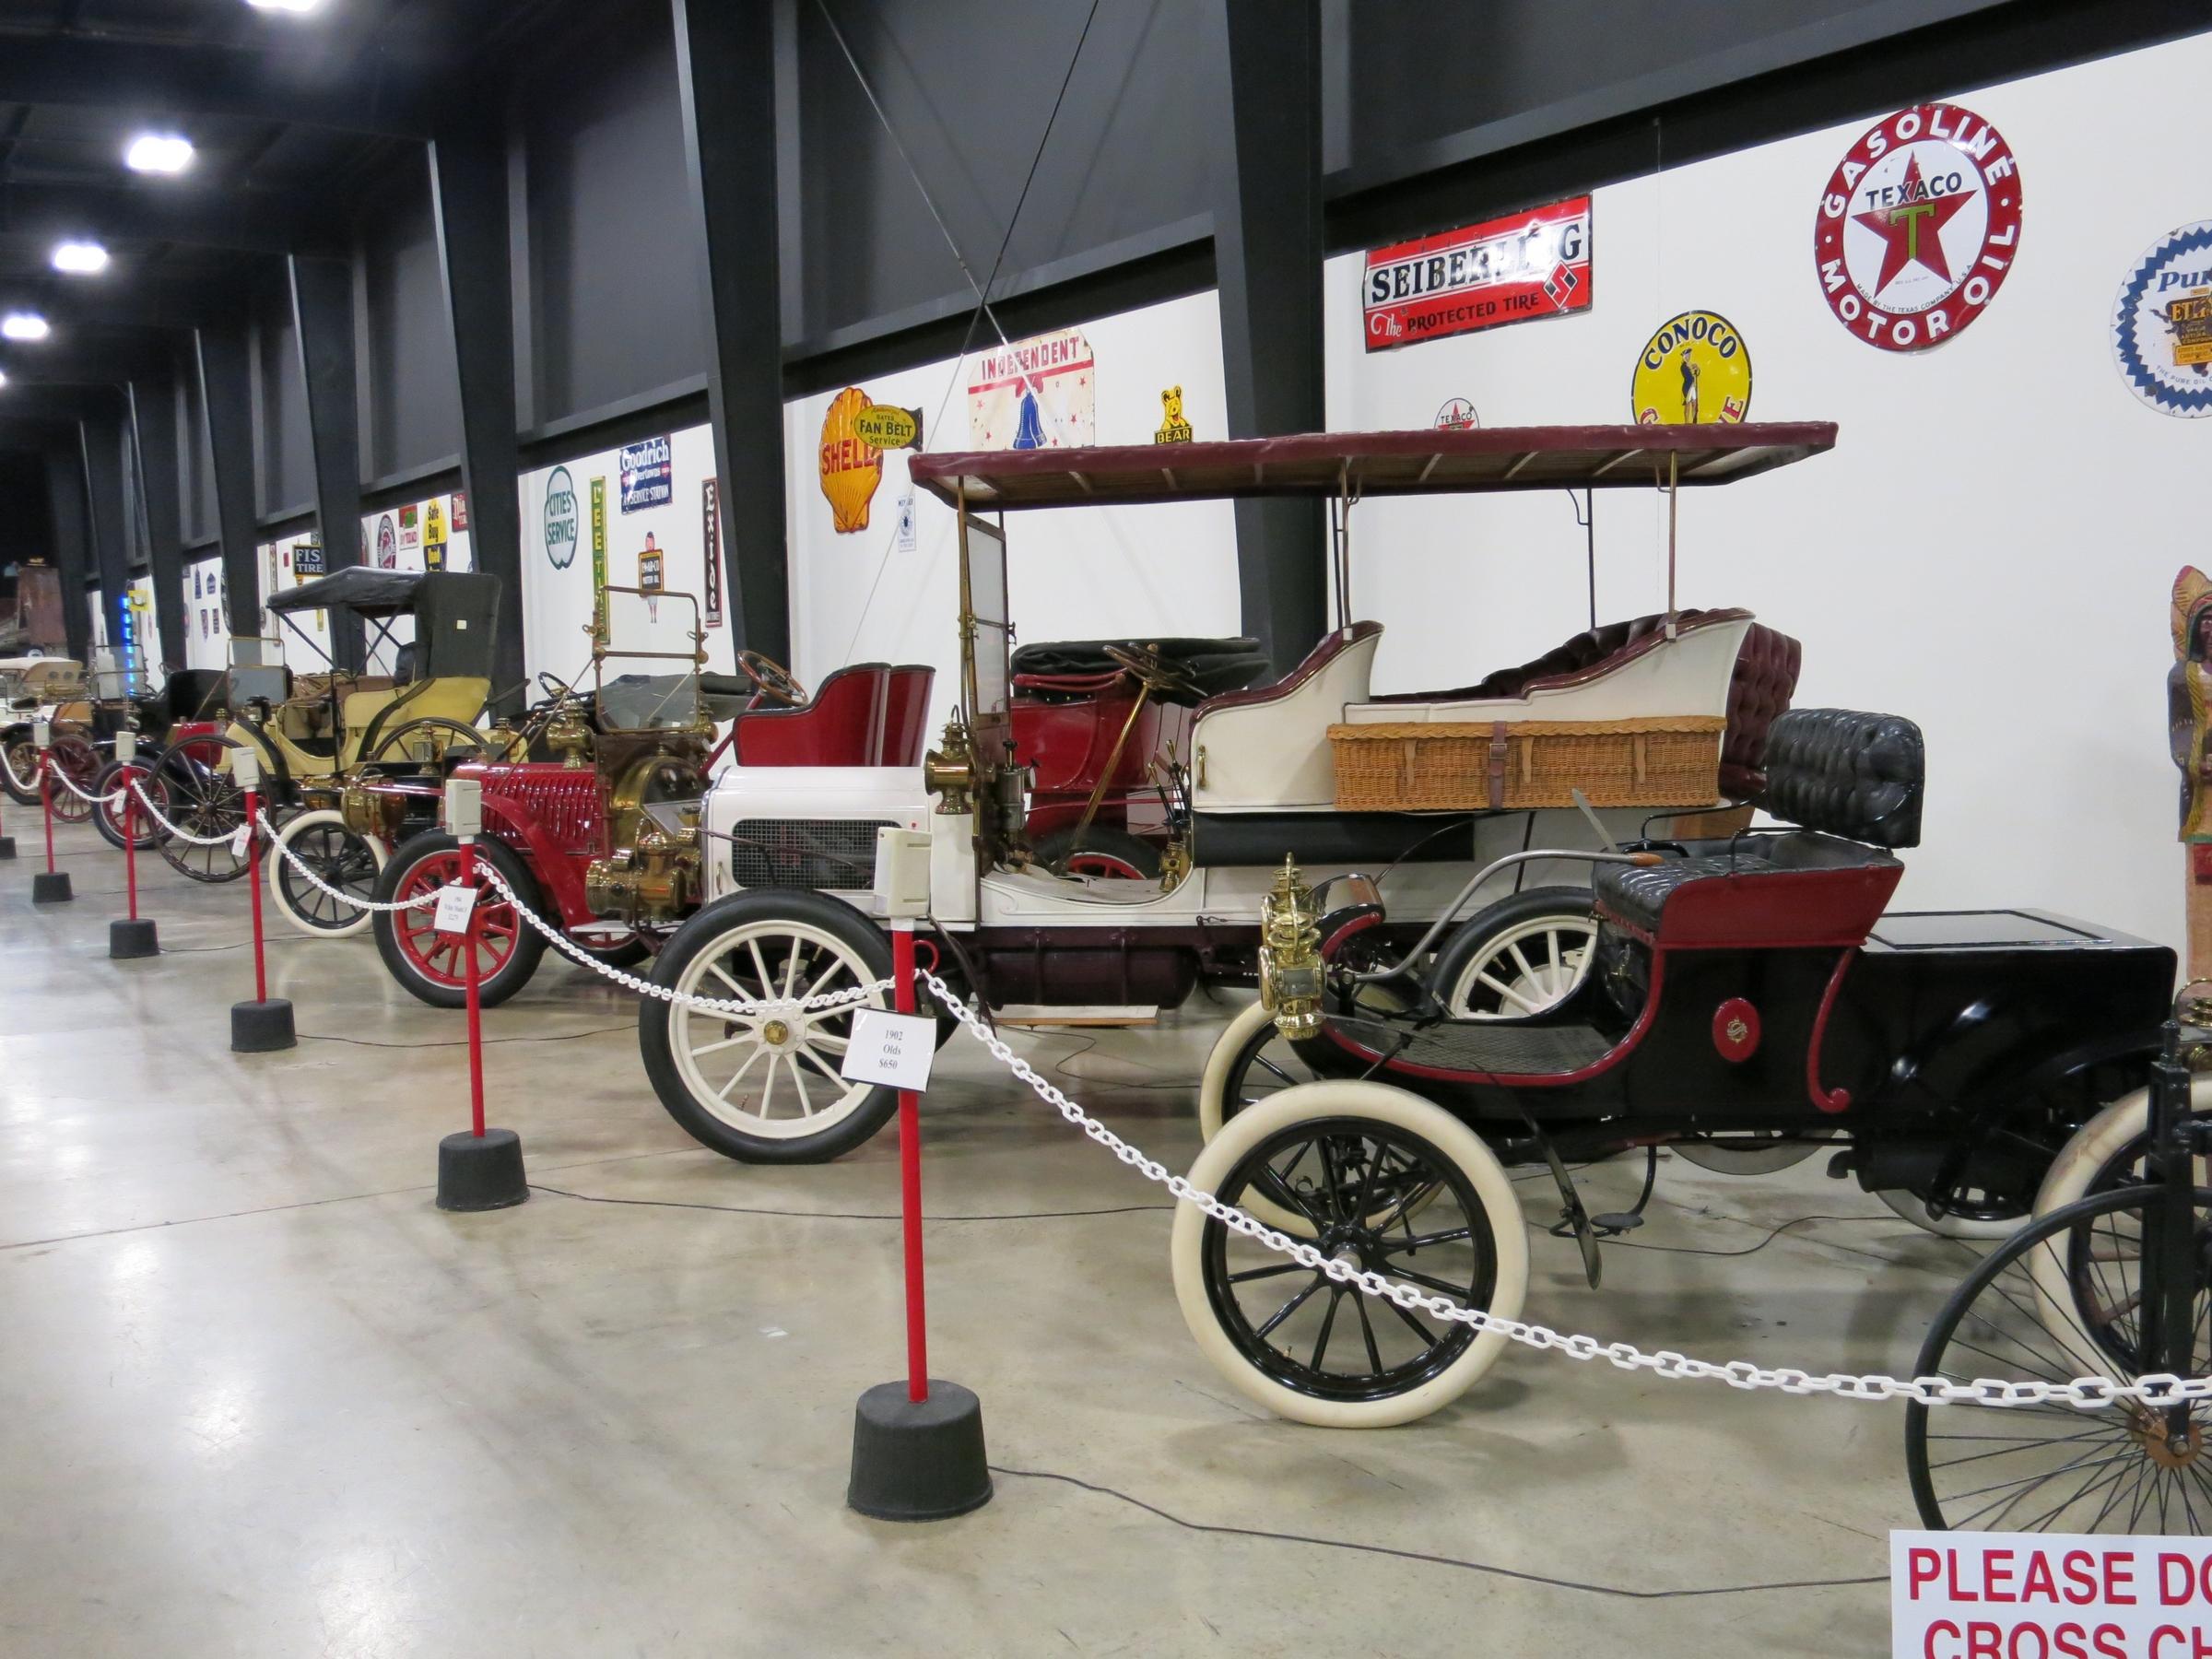 FileTupelo Automobile Museum Jpg Wikimedia Commons - Tupelo car show